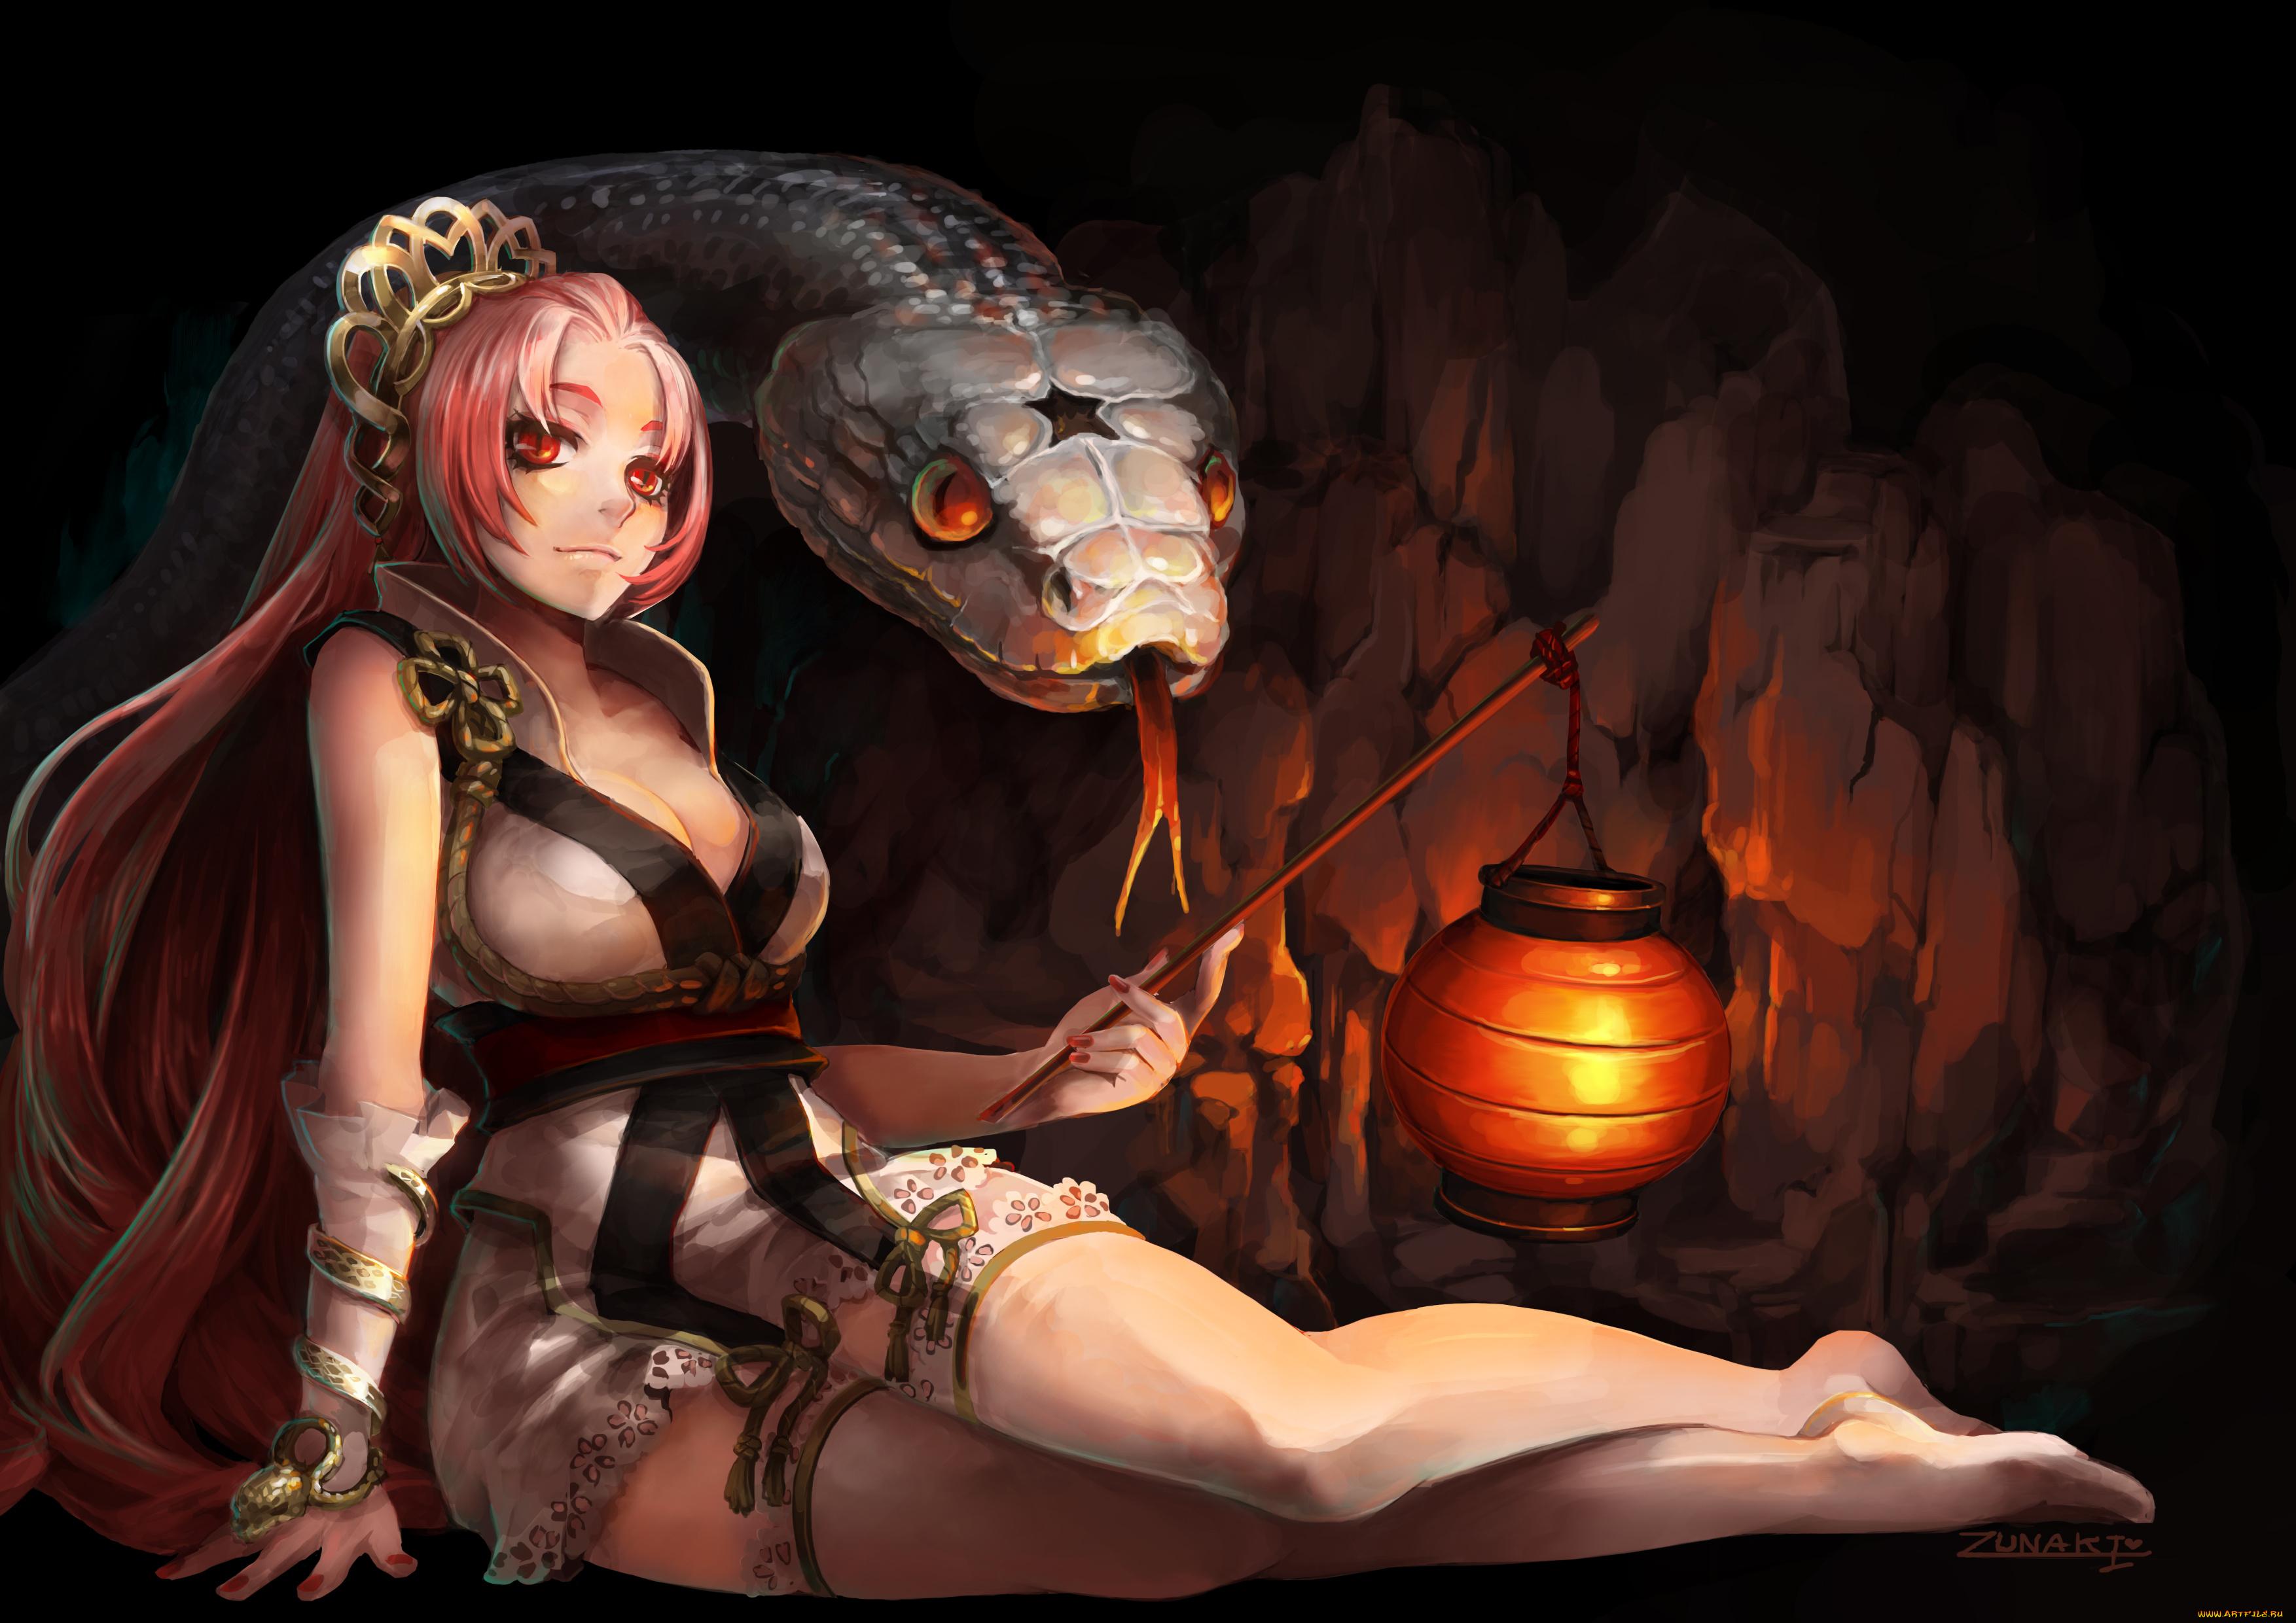 Секс монстры бесплатно, Монстры в порно: чертики, демоны и зомби на 24 видео 20 фотография